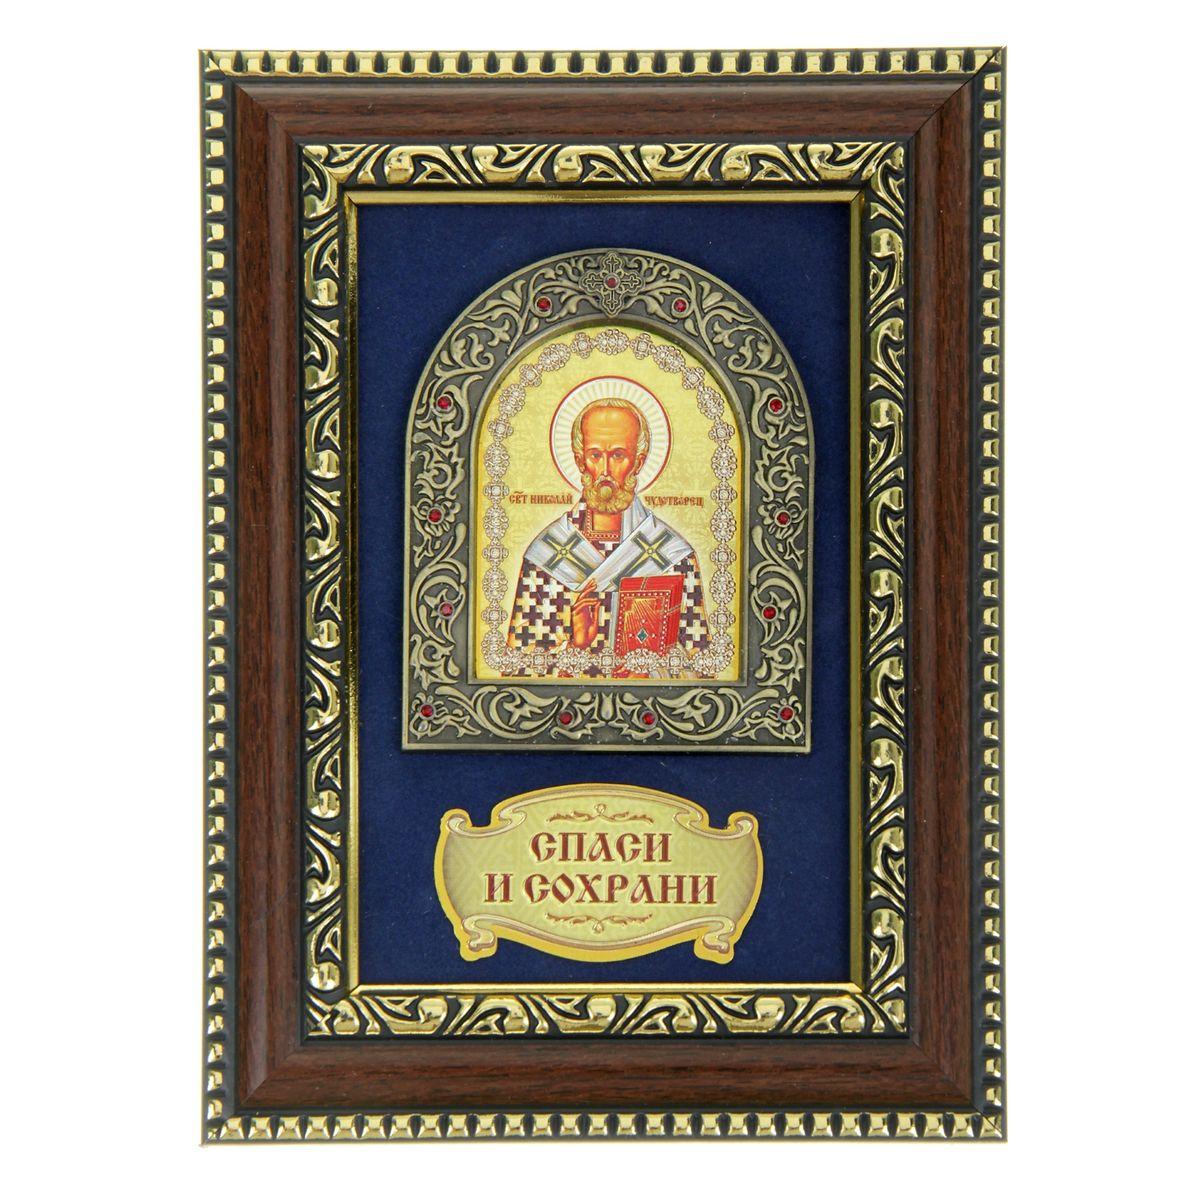 Панно-икона Николай Чудотворец, 14,5 см х 19,5 см94672Панно-икона Николай Чудотворец представляет собой небольшую икону, размещенную на картонной подложке синего цвета. Ниже расположена табличка с надписью Спаси и сохрани. Икона обрамлена в металлическую рамку, украшенную изысканным рельефом и инкрустированную мелкими красными стразами. Рамка для панно с золотистым узорным рельефом выполнена из дерева. Панно можно подвесить на стену или поставить на стол, для чего с задней стороны предусмотрена специальная ножка. Любое помещение выглядит незавершенным без правильно расположенных предметов интерьера. Они помогают создать уют, расставить акценты, подчеркнуть достоинства или скрыть недостатки. Не бывает незначительных деталей. Из мелочей складывается образ человека и стиль интерьера. Панно-икона Николай Чудотворец - одна из тех деталей, которые придают дому обжитой вид и создают ощущение уюта.